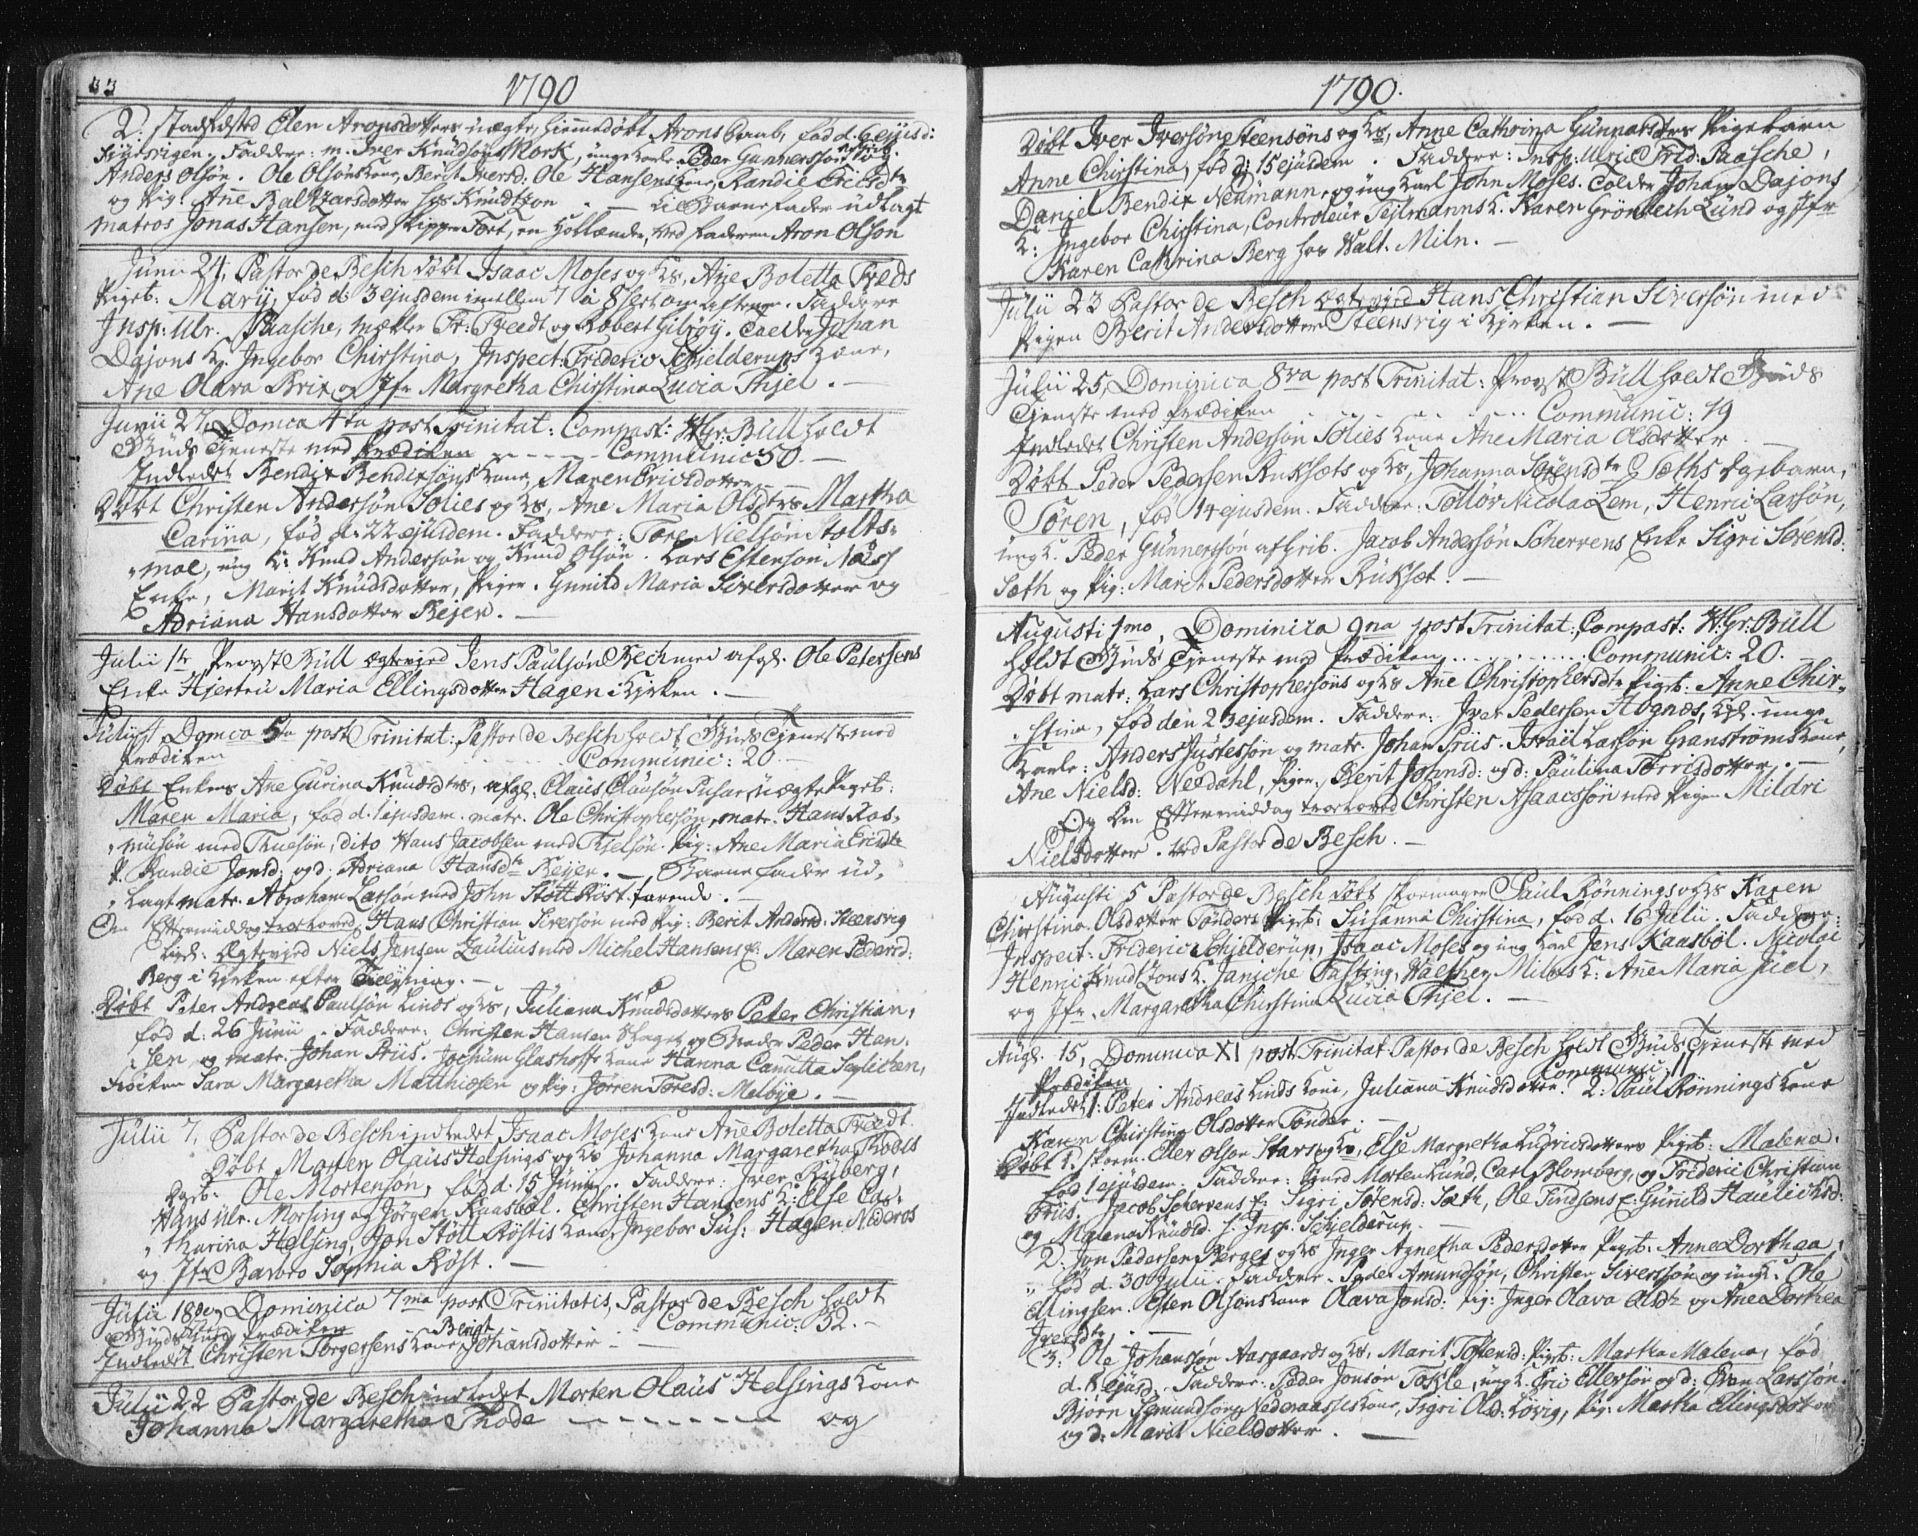 SAT, Ministerialprotokoller, klokkerbøker og fødselsregistre - Møre og Romsdal, 572/L0841: Ministerialbok nr. 572A04, 1784-1819, s. 33